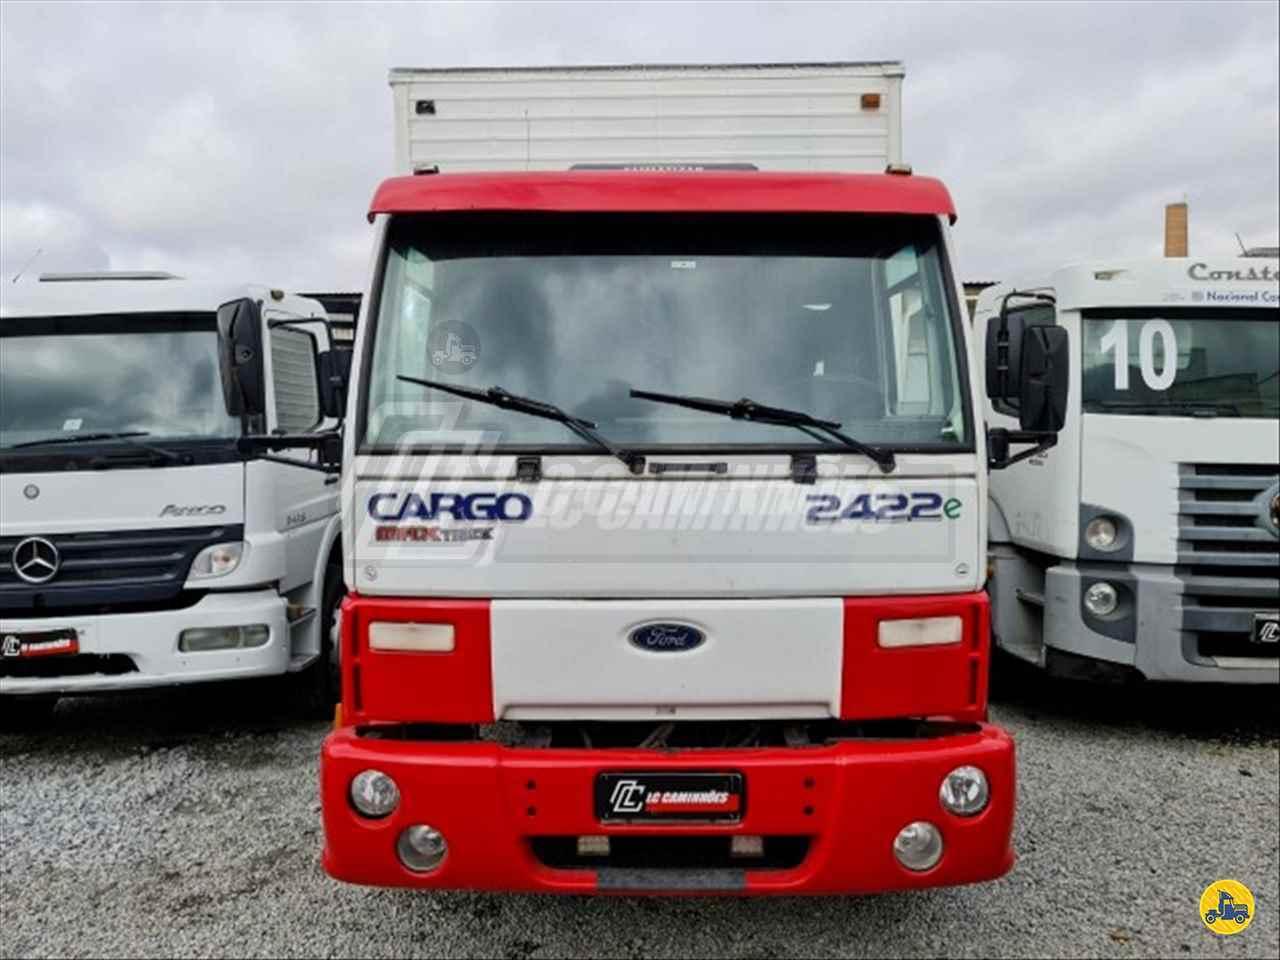 CAMINHAO FORD CARGO 2422 Baú Furgão Truck 6x2 LC Caminhões SAO PAULO SÃO PAULO SP